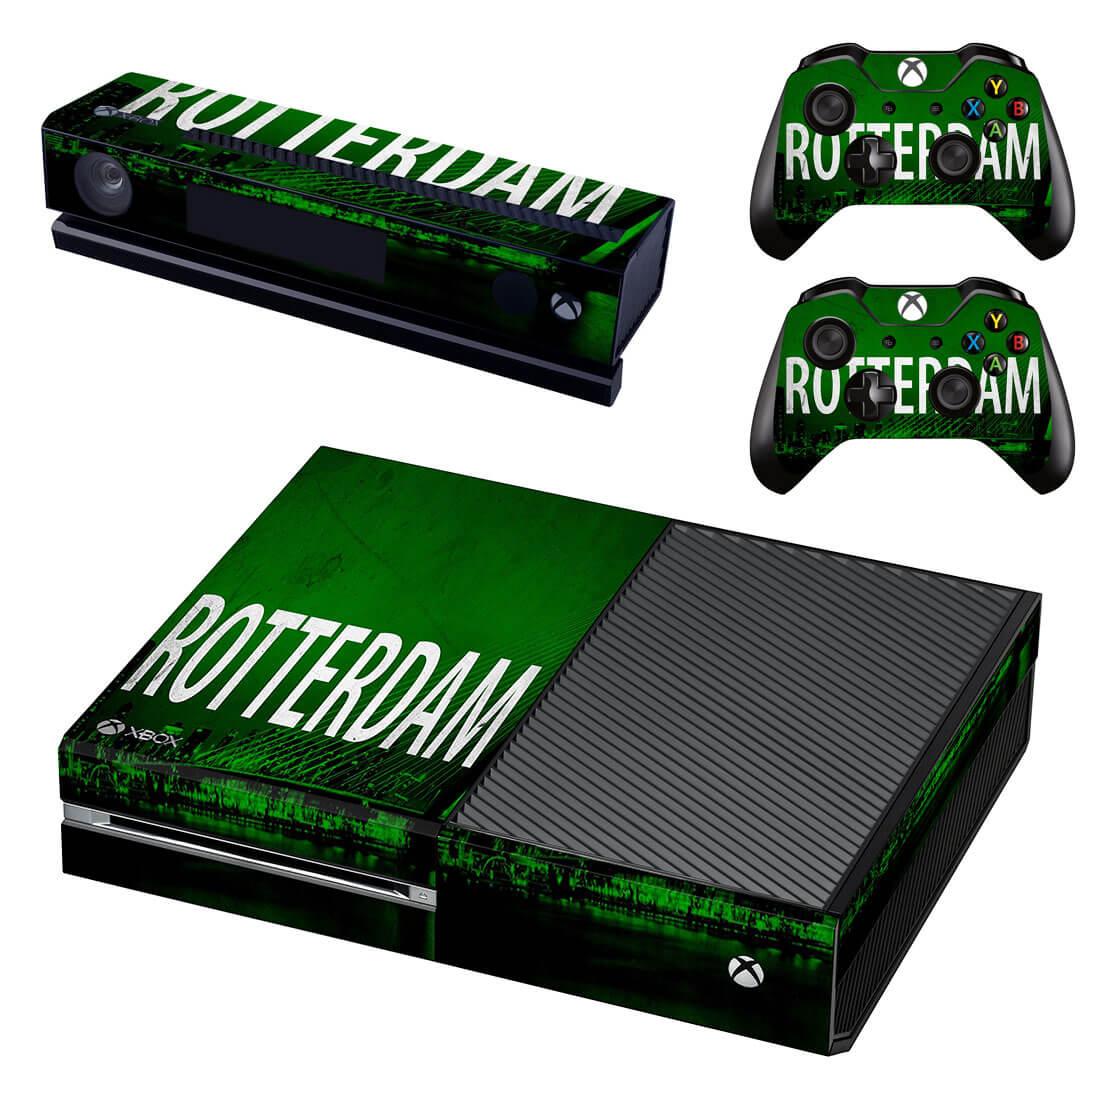 Rotterdam Xbox One skin